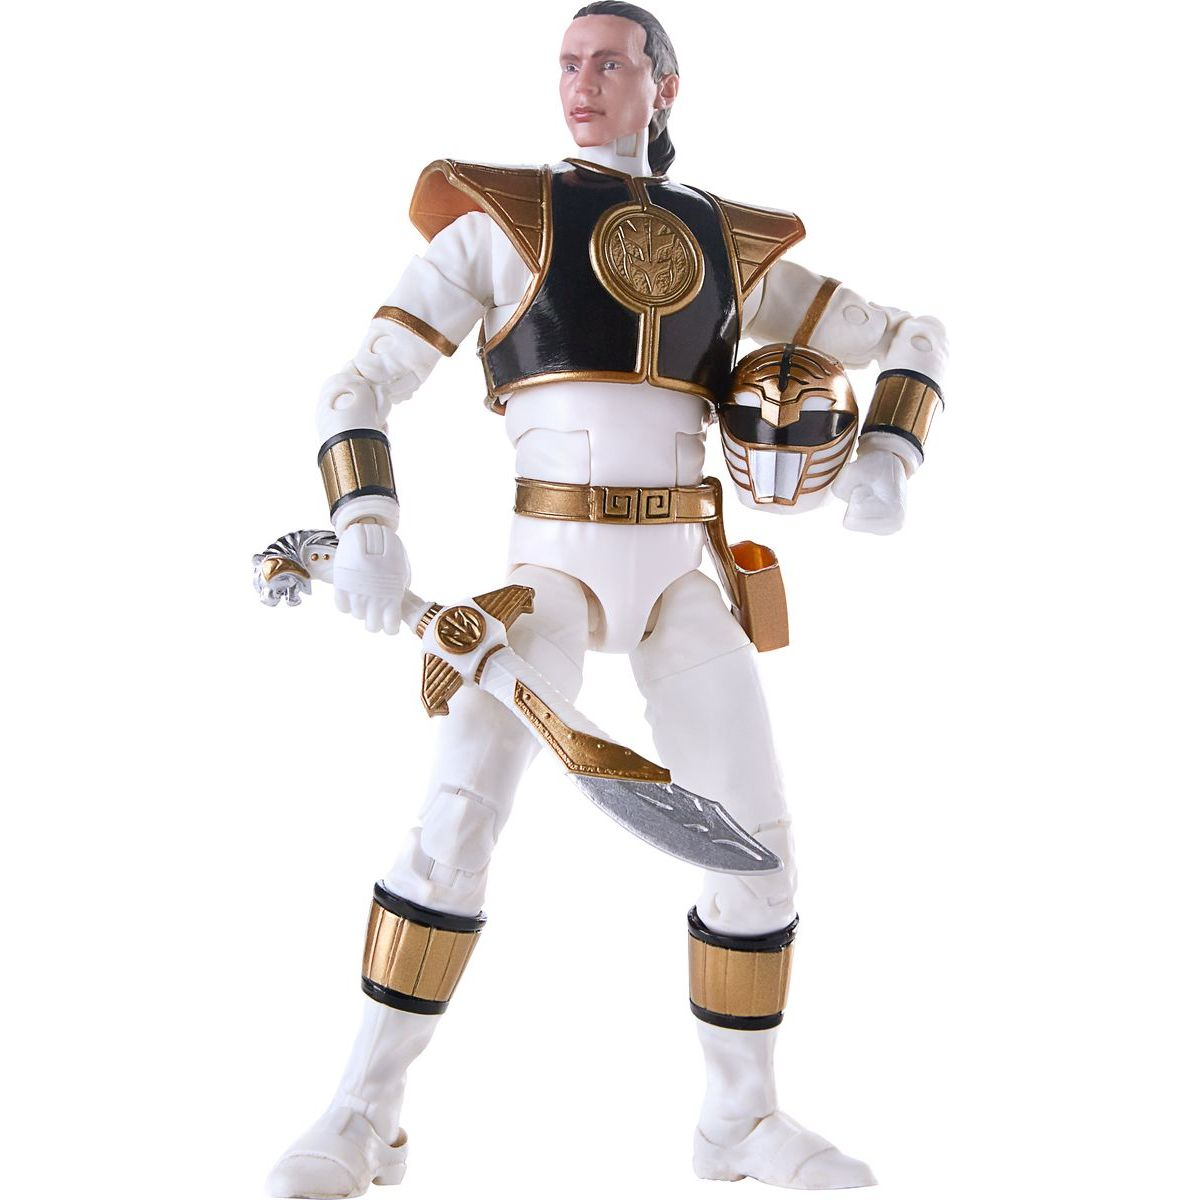 Hasbro Power Rangers 15 cm figurka s výměnnou hlavou Mighty Morphin White Ranger